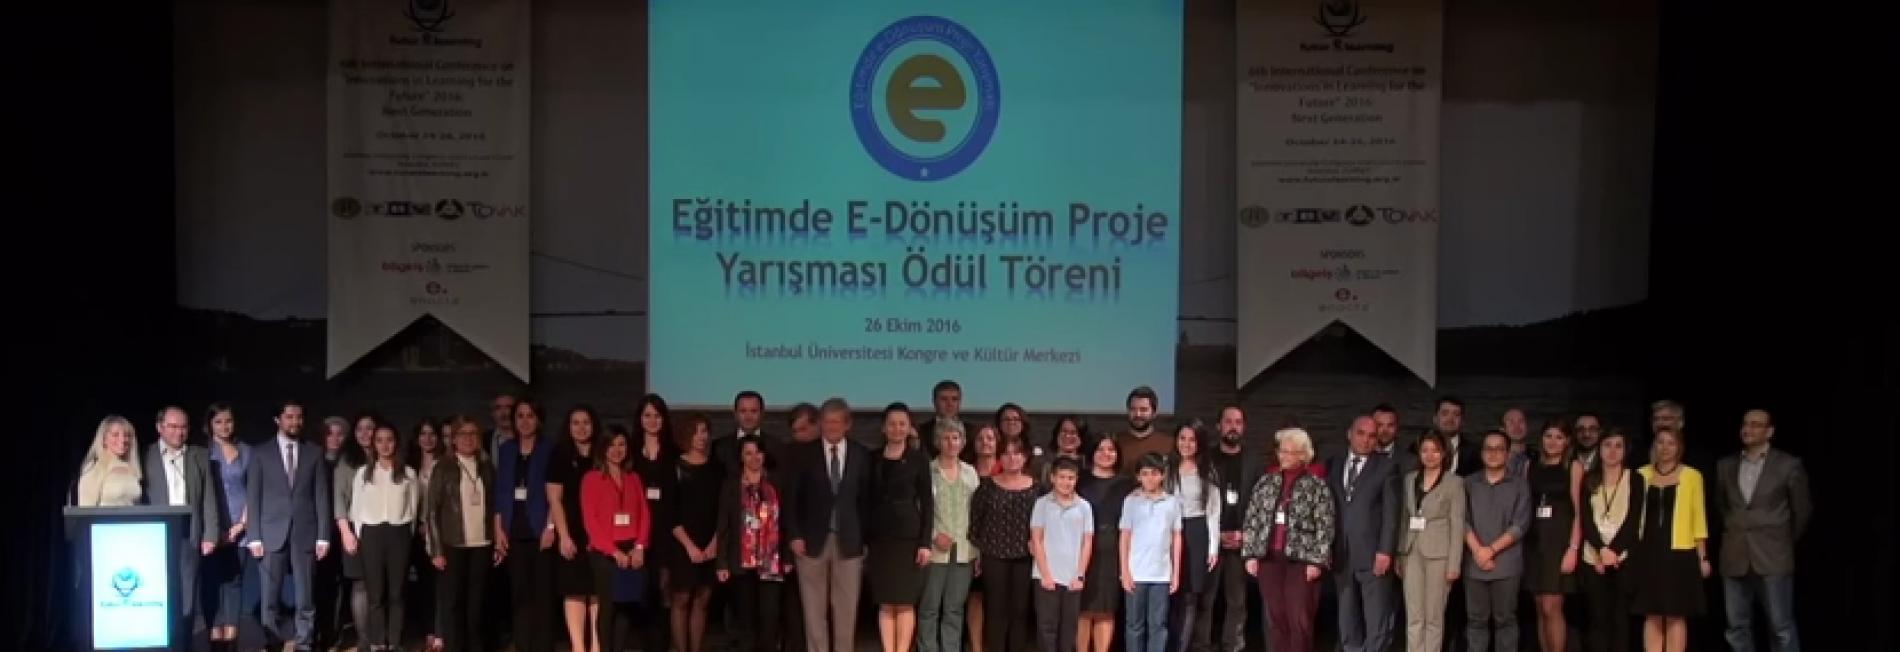 Future Learning 2016 Konferansı İstanbul Üniversitesi'nde Başarıyla Gerçekleştirildi!